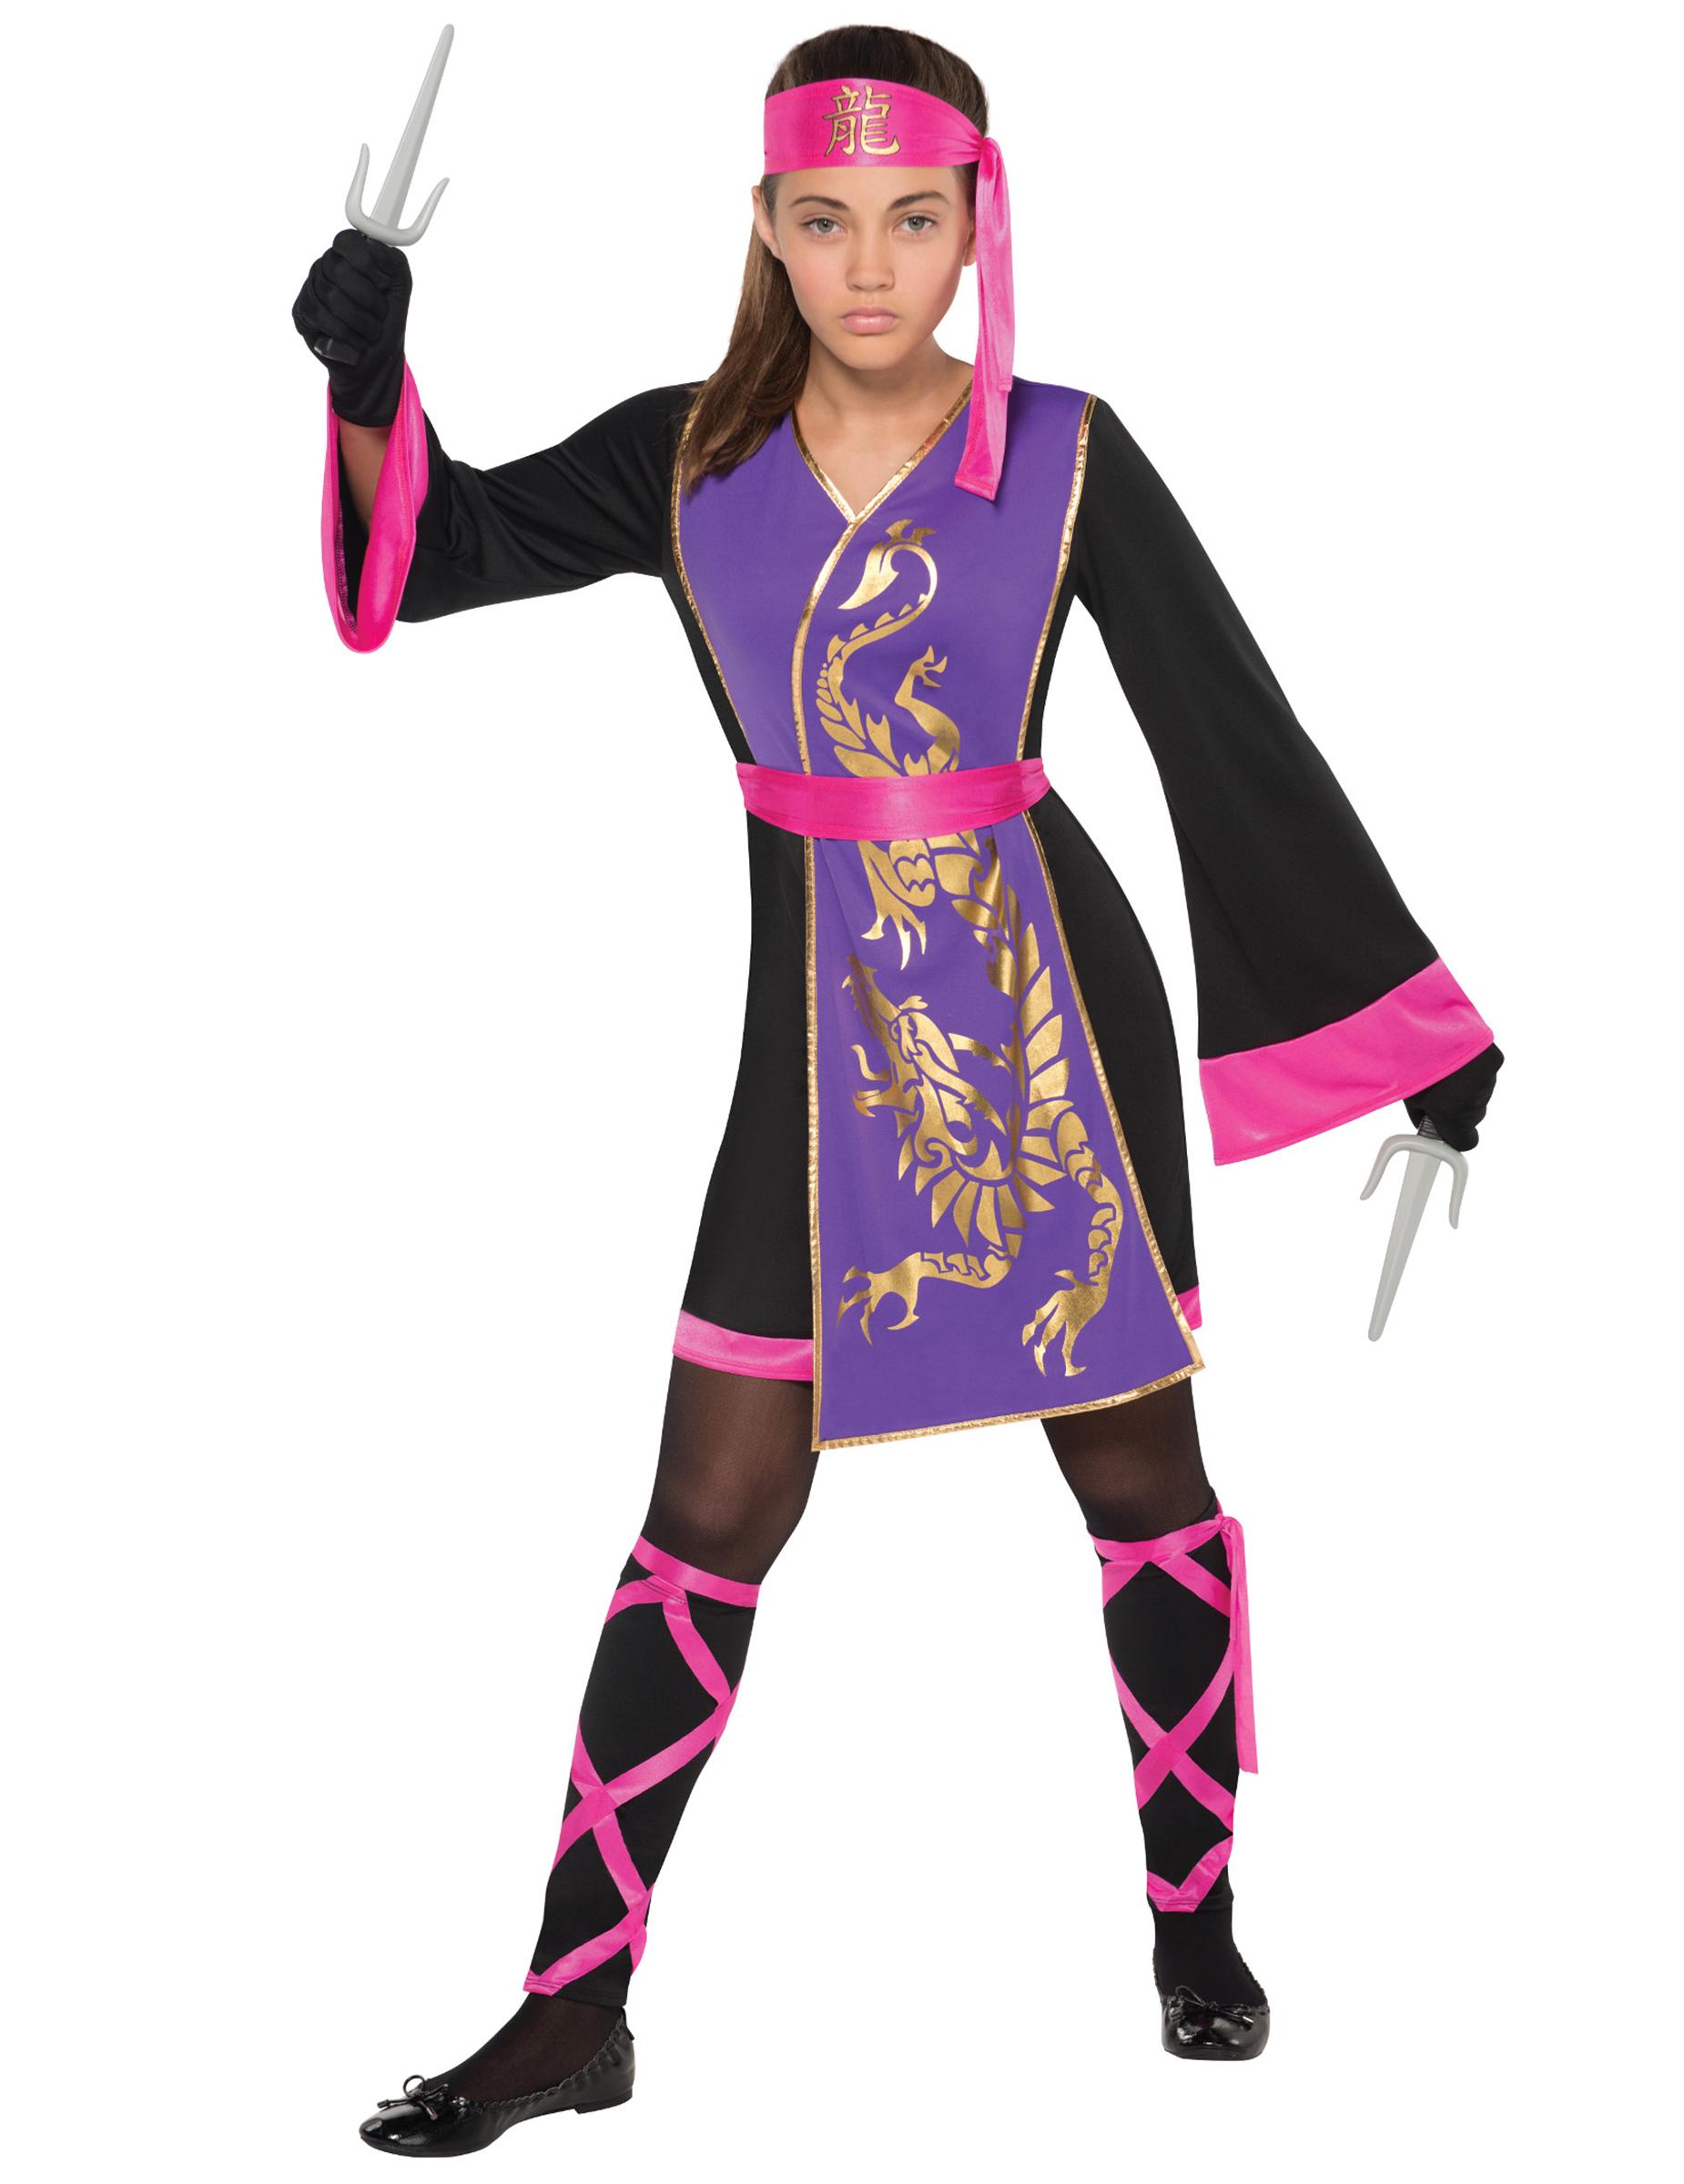 0f783af4bfb648 Déguisement ninja rose et violet fille   Deguise-toi, achat de ...